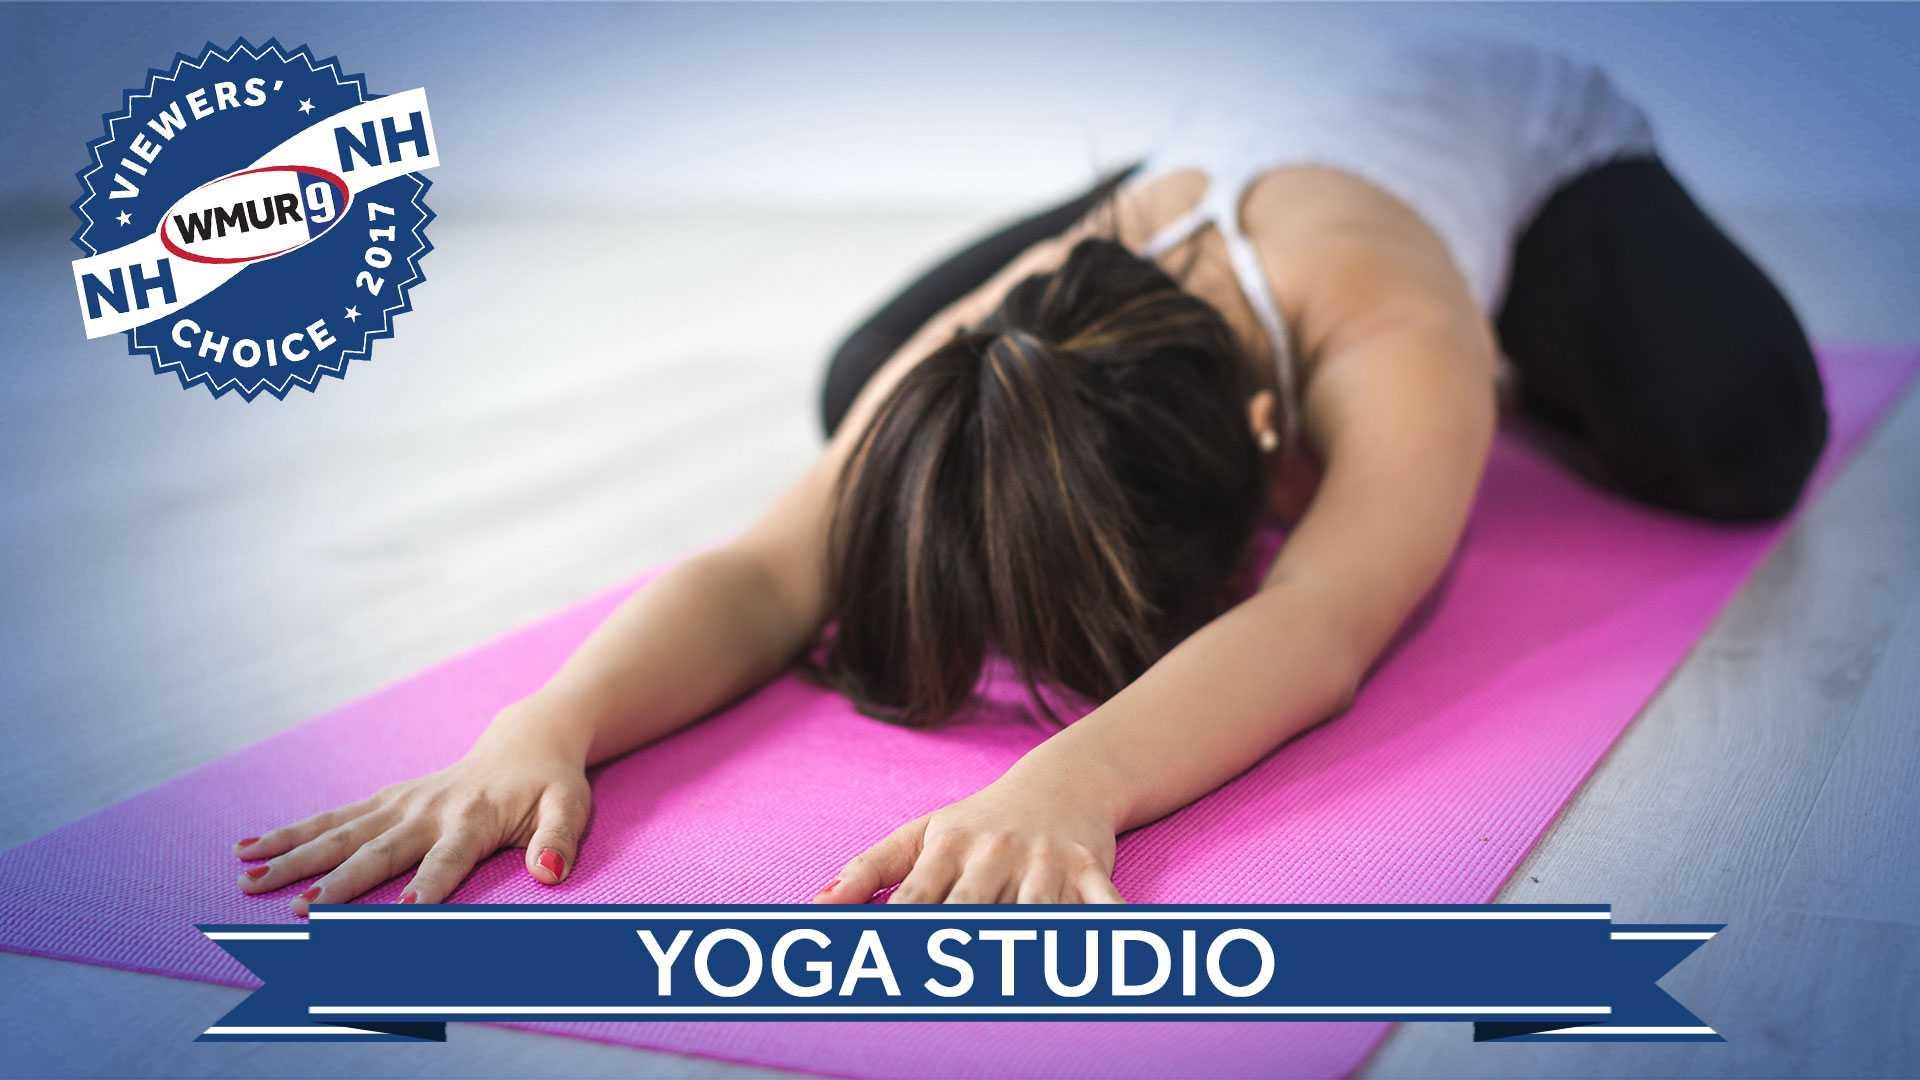 Viewers' Choice yoga studio